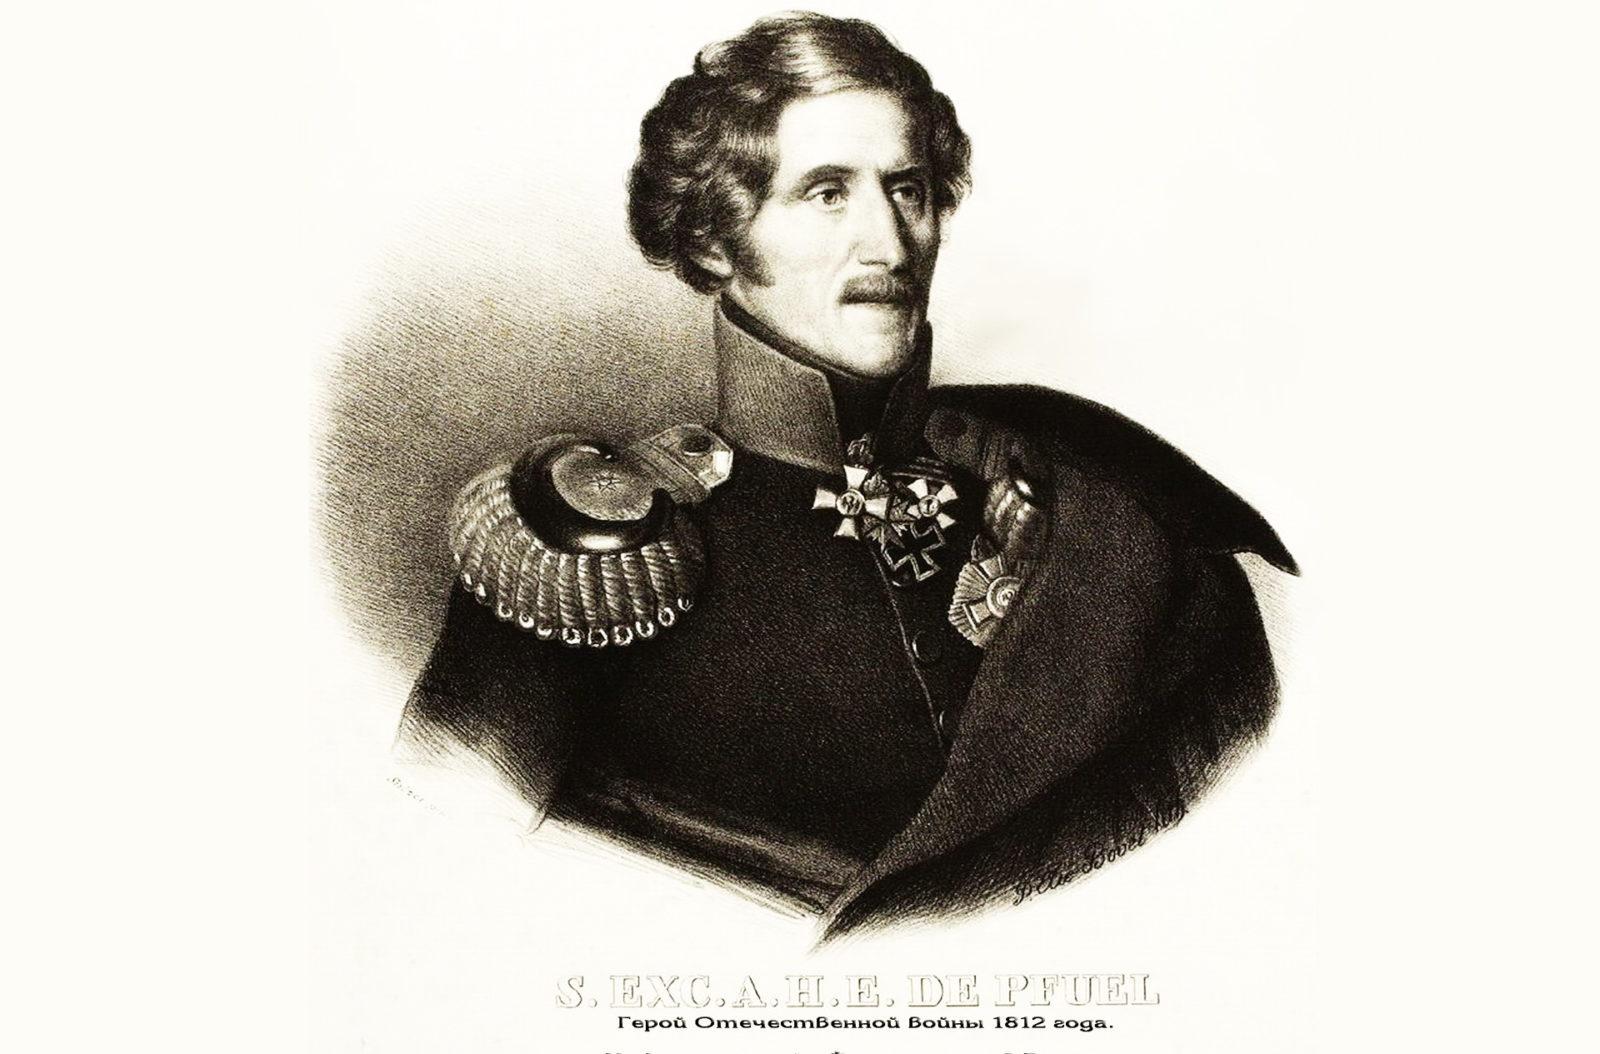 Карл Людвиг Август Фридрих фон Пфуль — прусский генерал, позже принятый на русскую службу. Автор знаменитого плана Отечественной войны 1812 года.